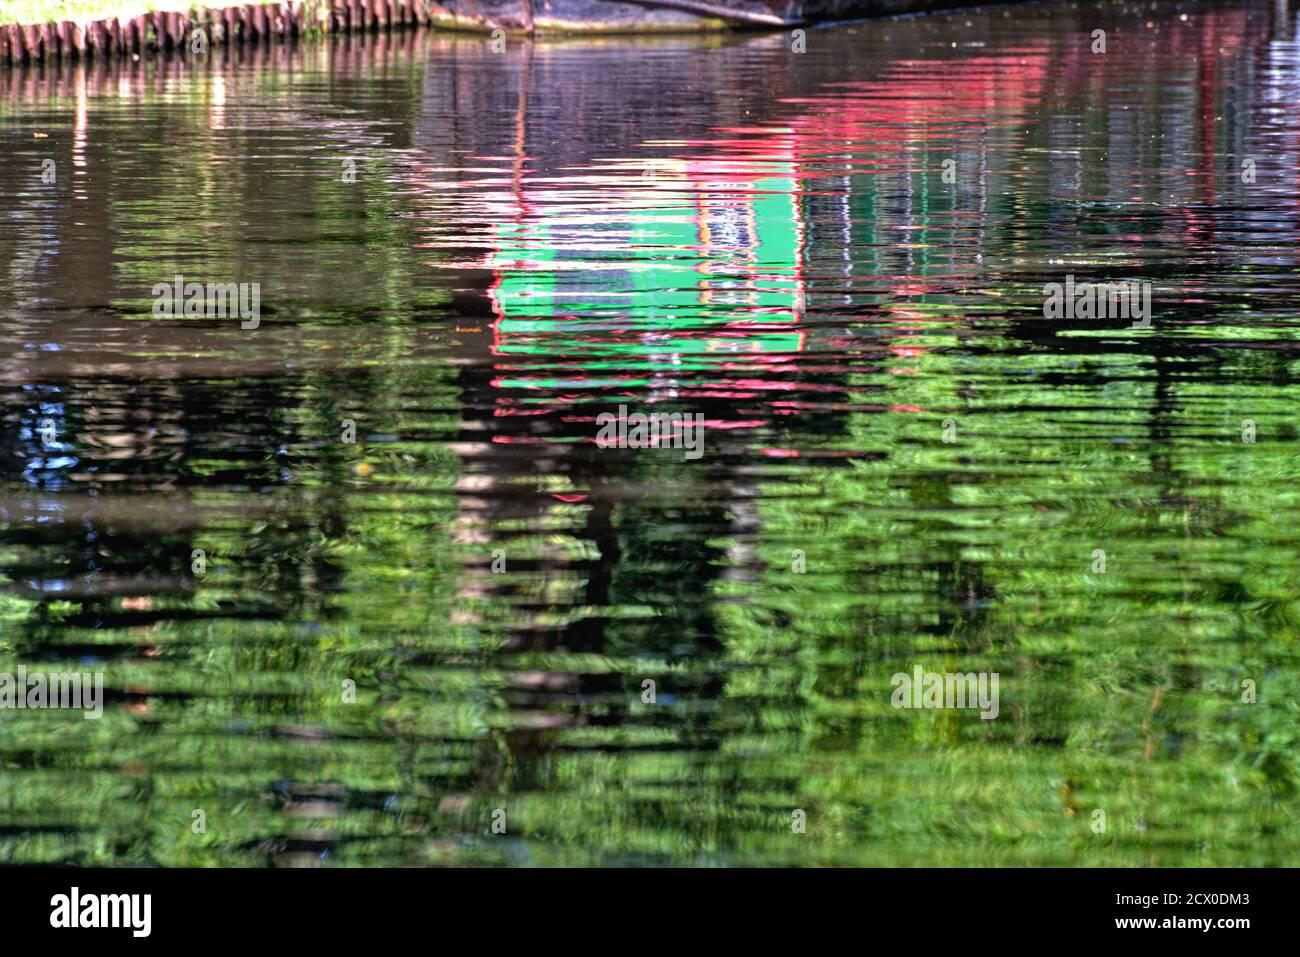 Formes abstraites créées par les réflexions de peinture brillante étroite bateau dans l'eau Banque D'Images